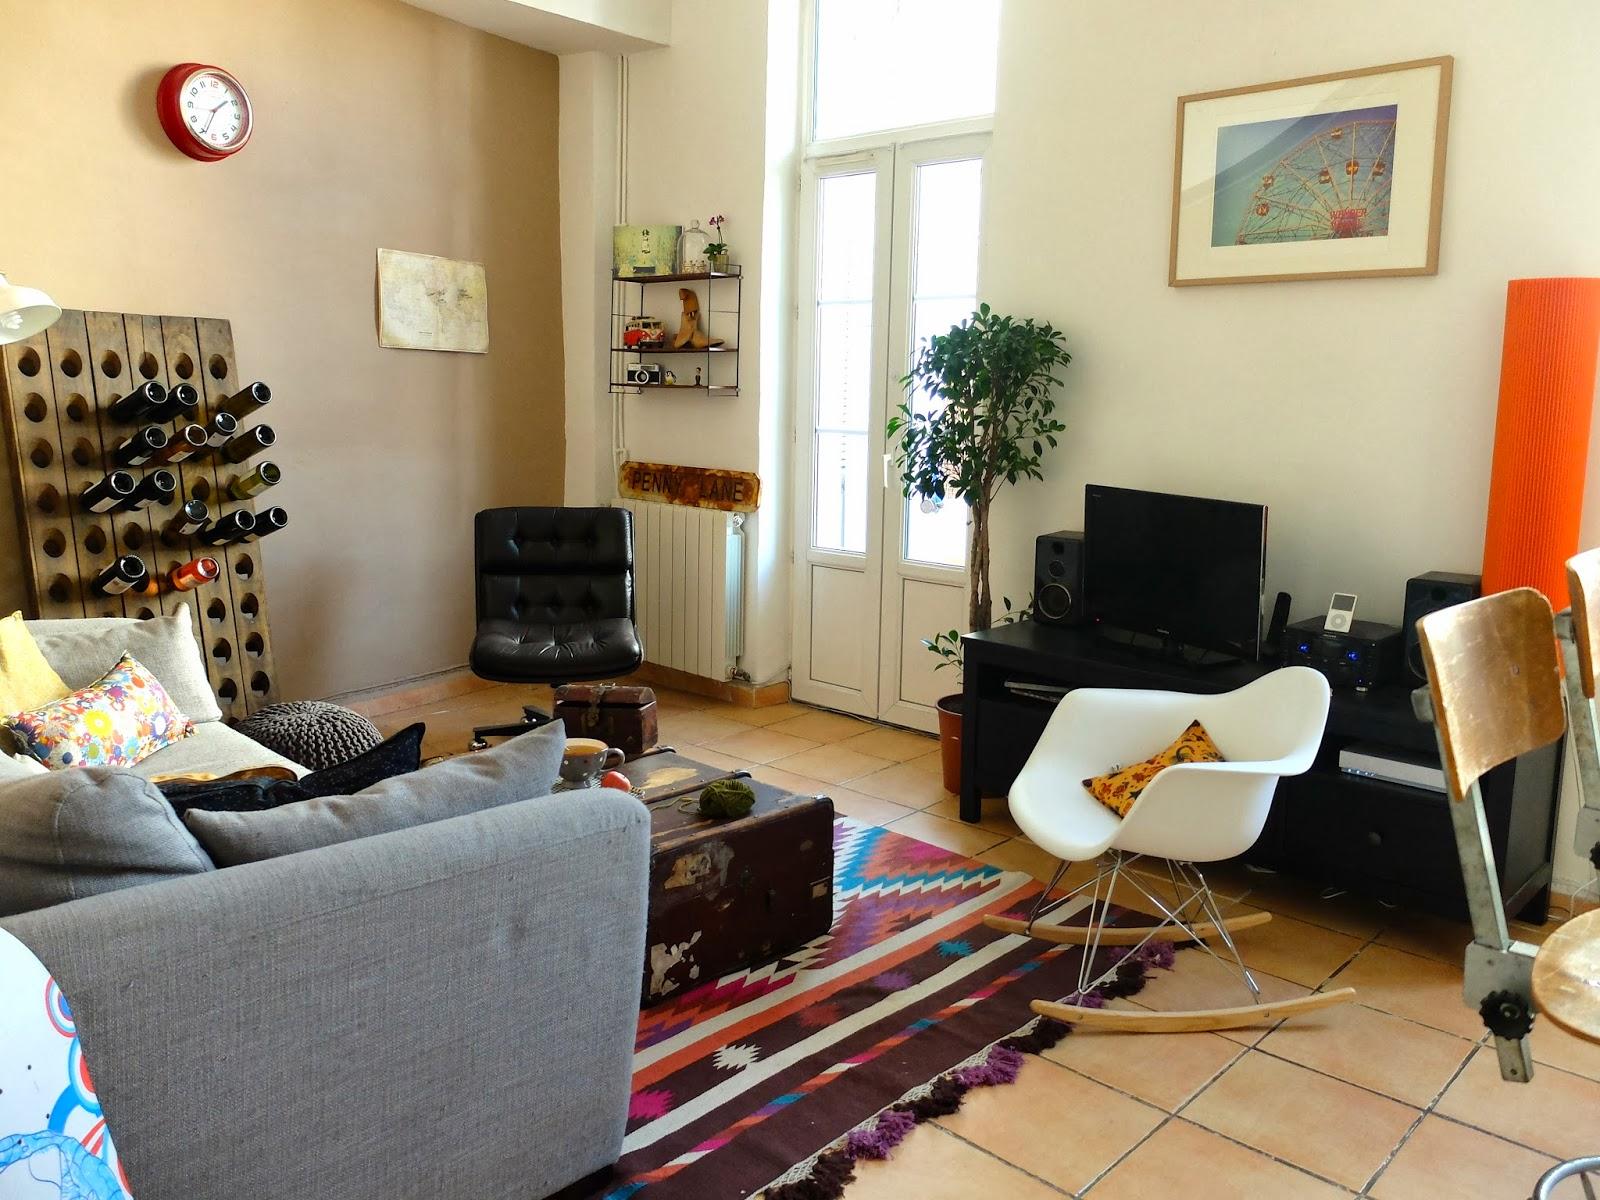 Il y a des fois nouvelle maison nouvelle d co 1 le salon - Emmaus poitiers meubles ...